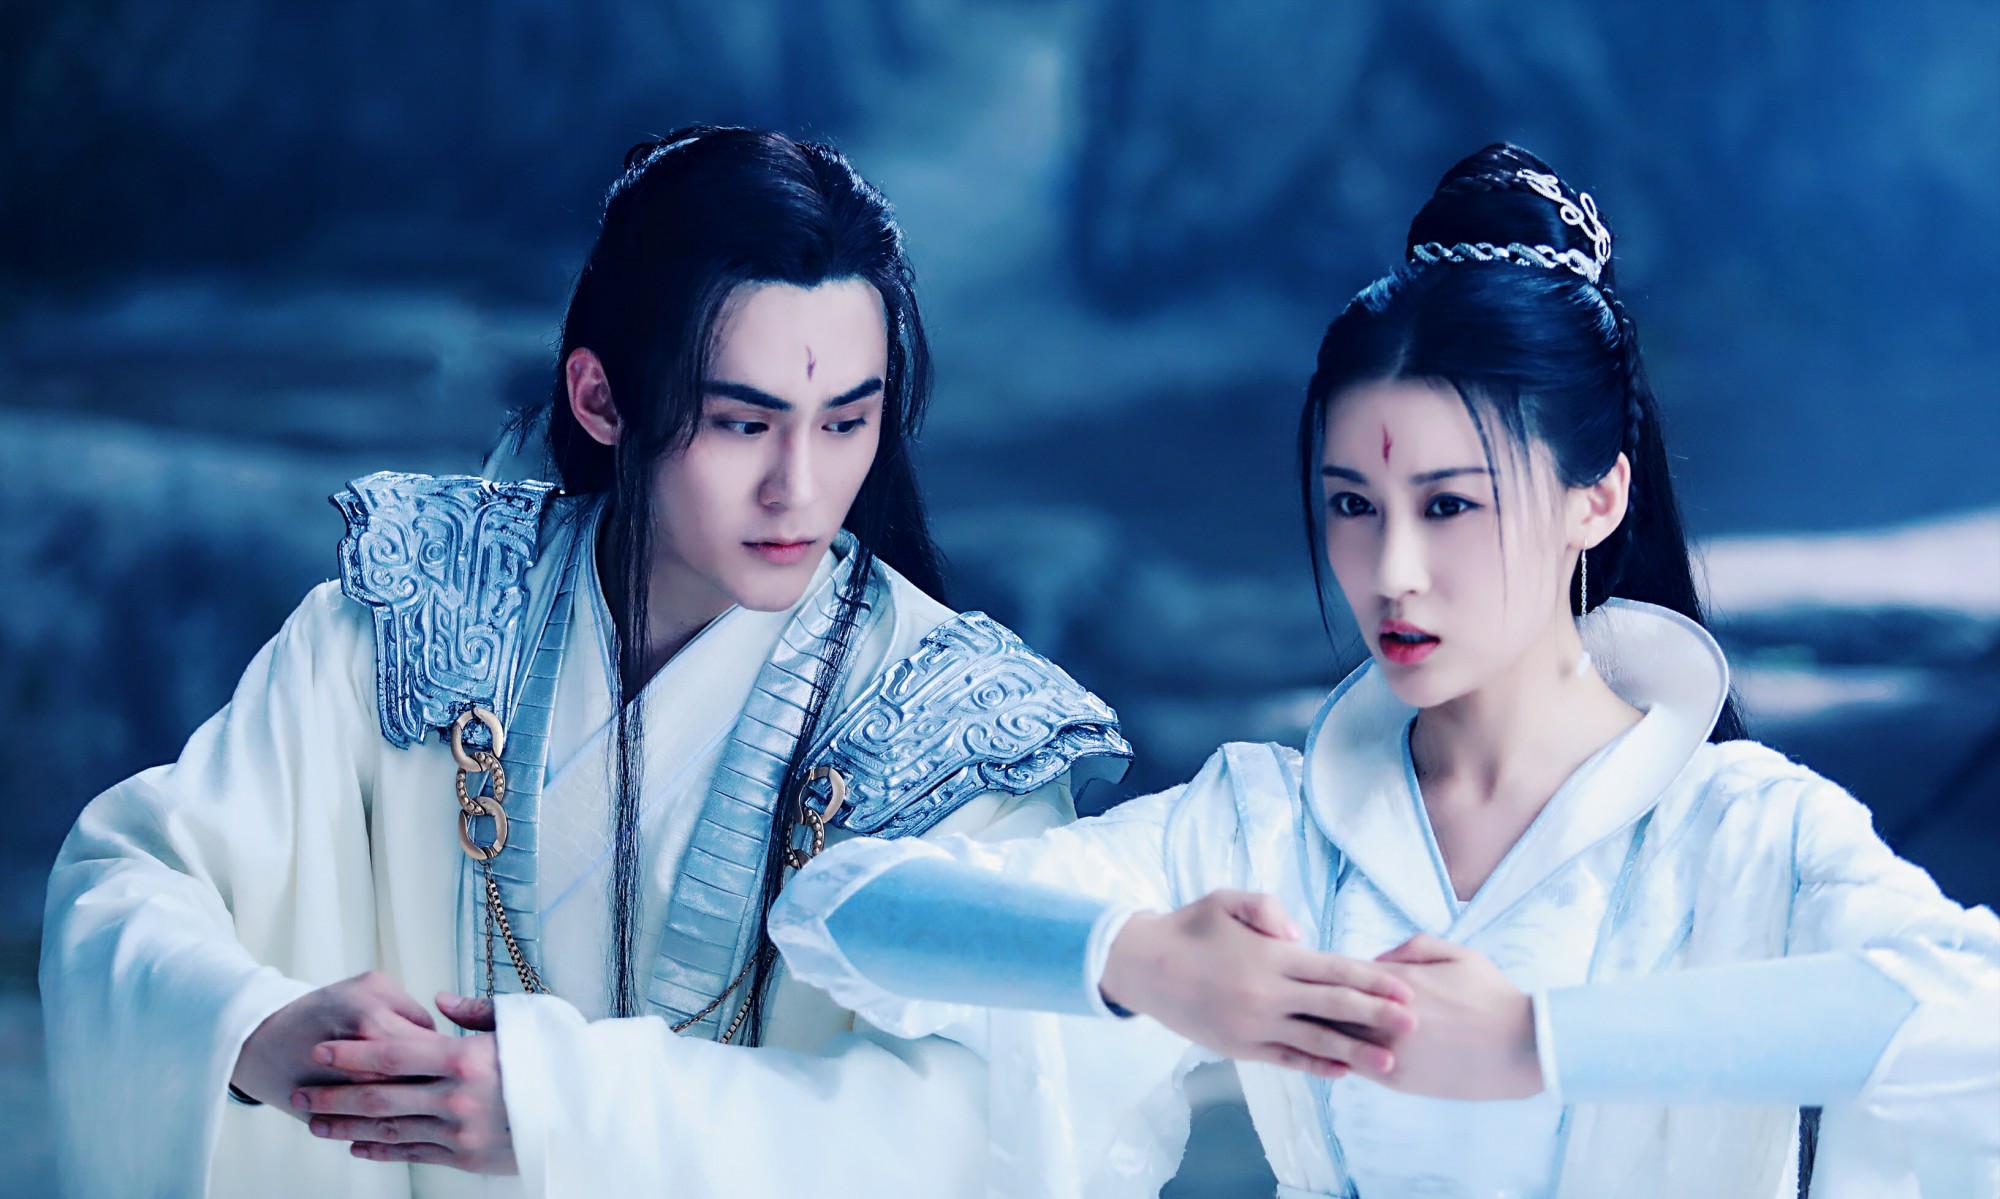 蜀山总编剧王利锋 畅聊电影《蜀山之紫青双剑》